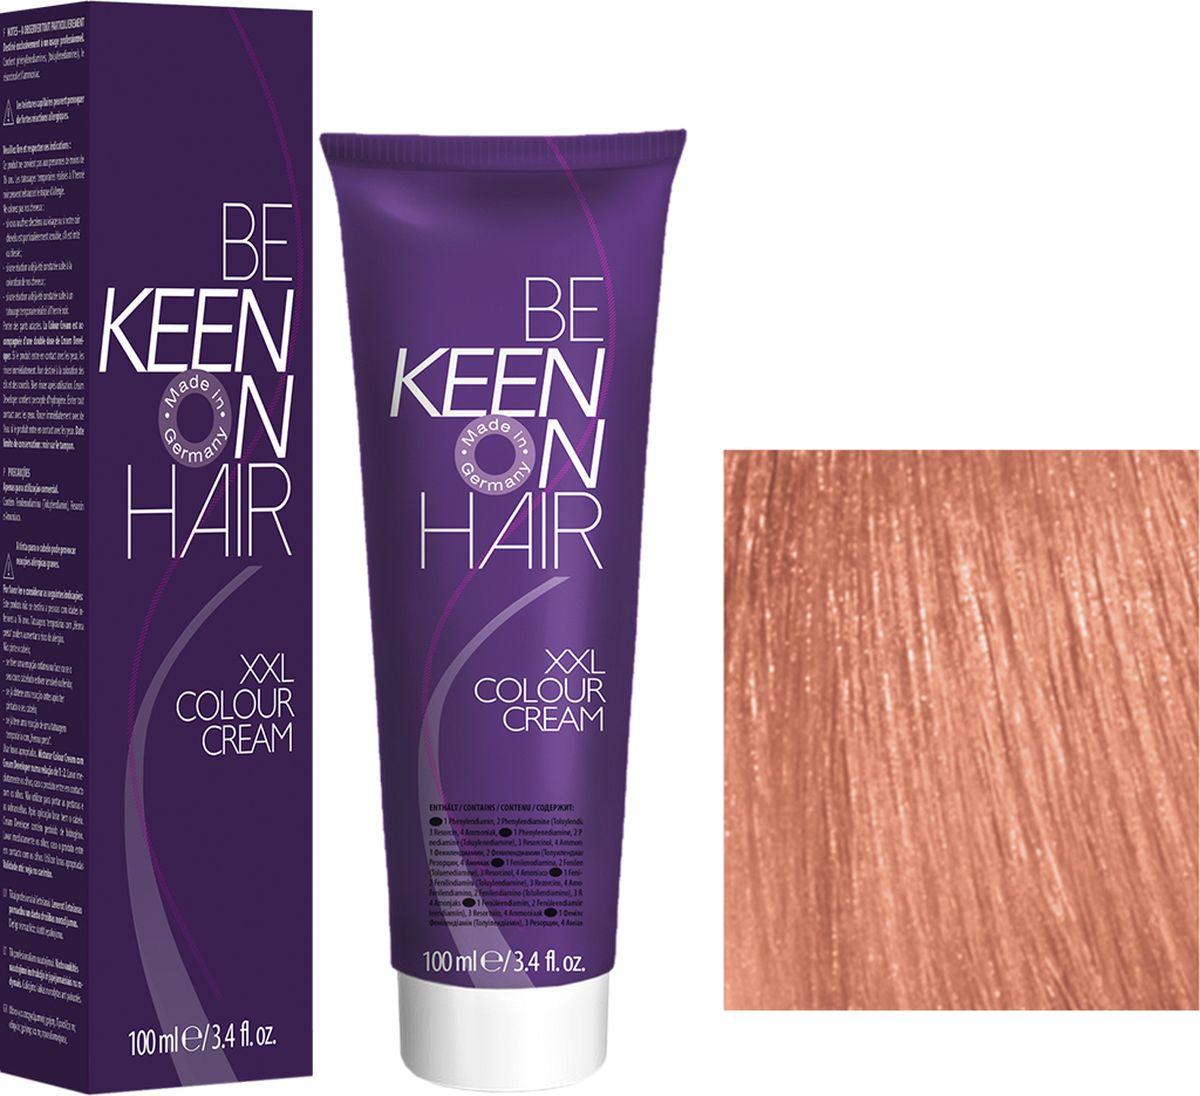 Keen Краска для волос 9.44 Светлый интенсивно-медный блондин Hellblond Kupfer-Intensiv, 100 мл69100090Модные оттенкиБолее 100 оттенков для креативной комбинации цветов.ЭкономичностьПри использовании тюбика 100 мл вы получаете оптимальное соотношение цены и качества!УходМолочный белок поддерживает структуру волоса во время окрашивания и придает волосам блеск и шелковистость. Протеины хорошо встраиваются в волосы и снабжают их влагой.